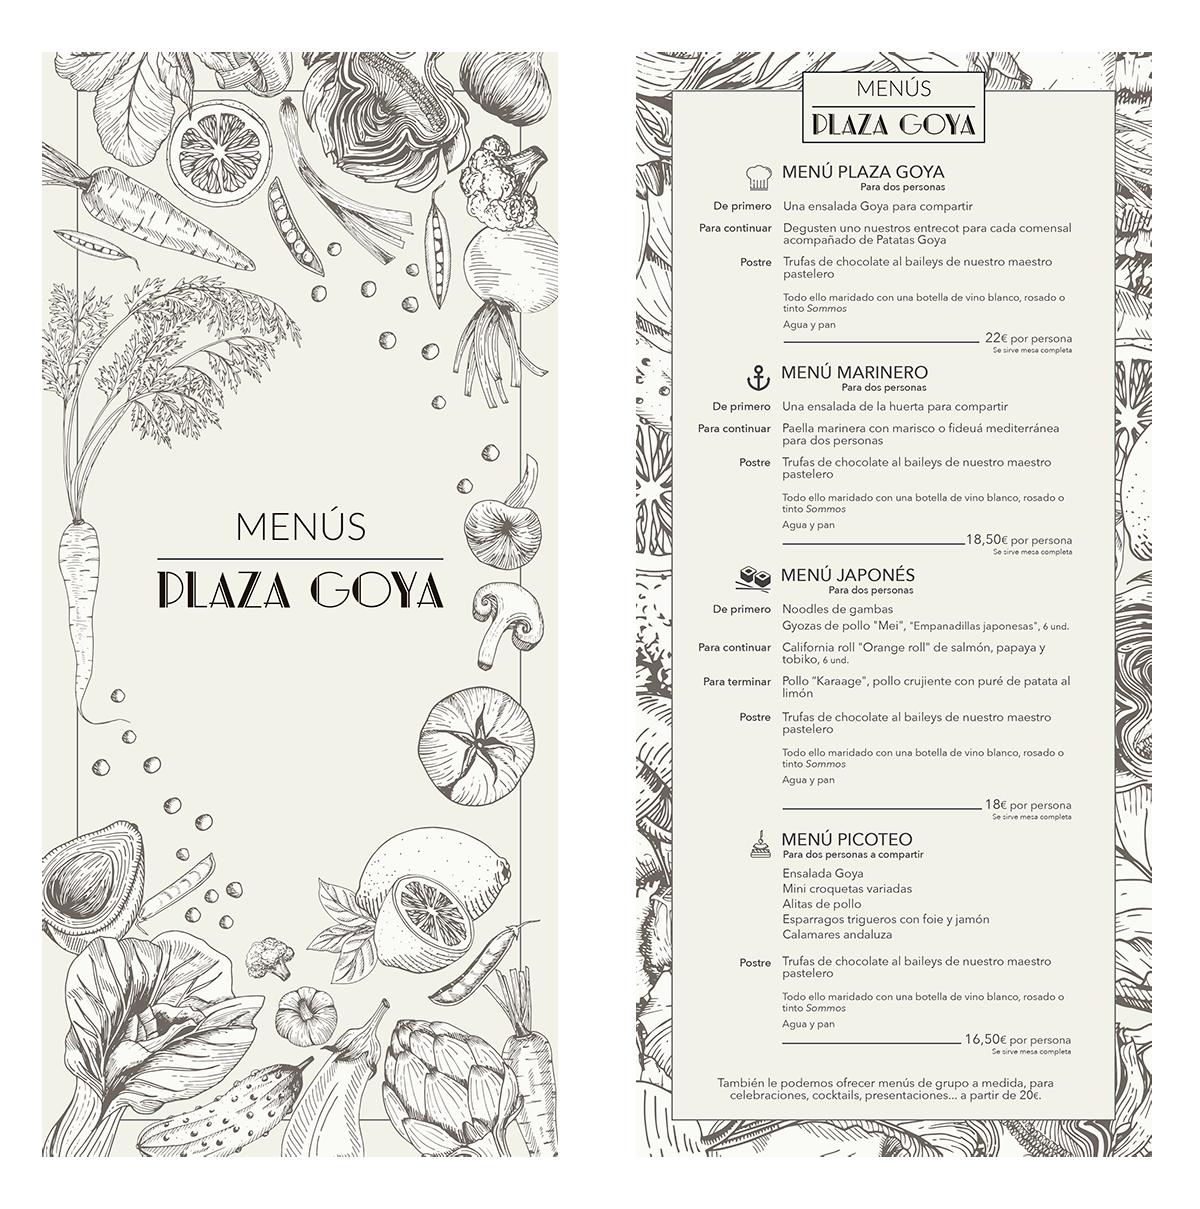 Plaza Goya ★ Restaurante ★ Carta de menús